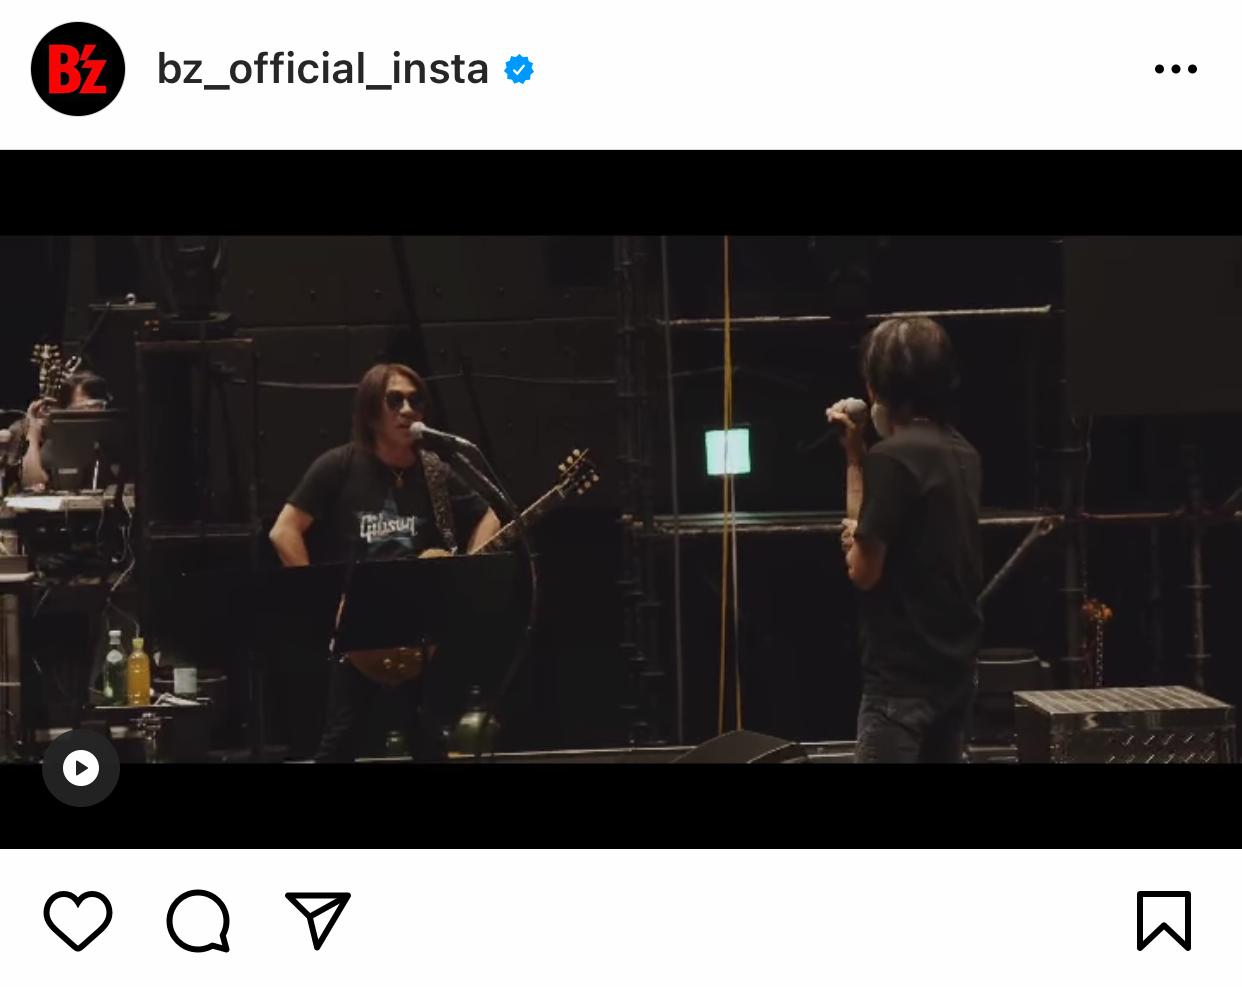 B'zが公式SNSで公開したコンプリートボックス収録の「Day1」ドキュメンタリーダイジェスト映像